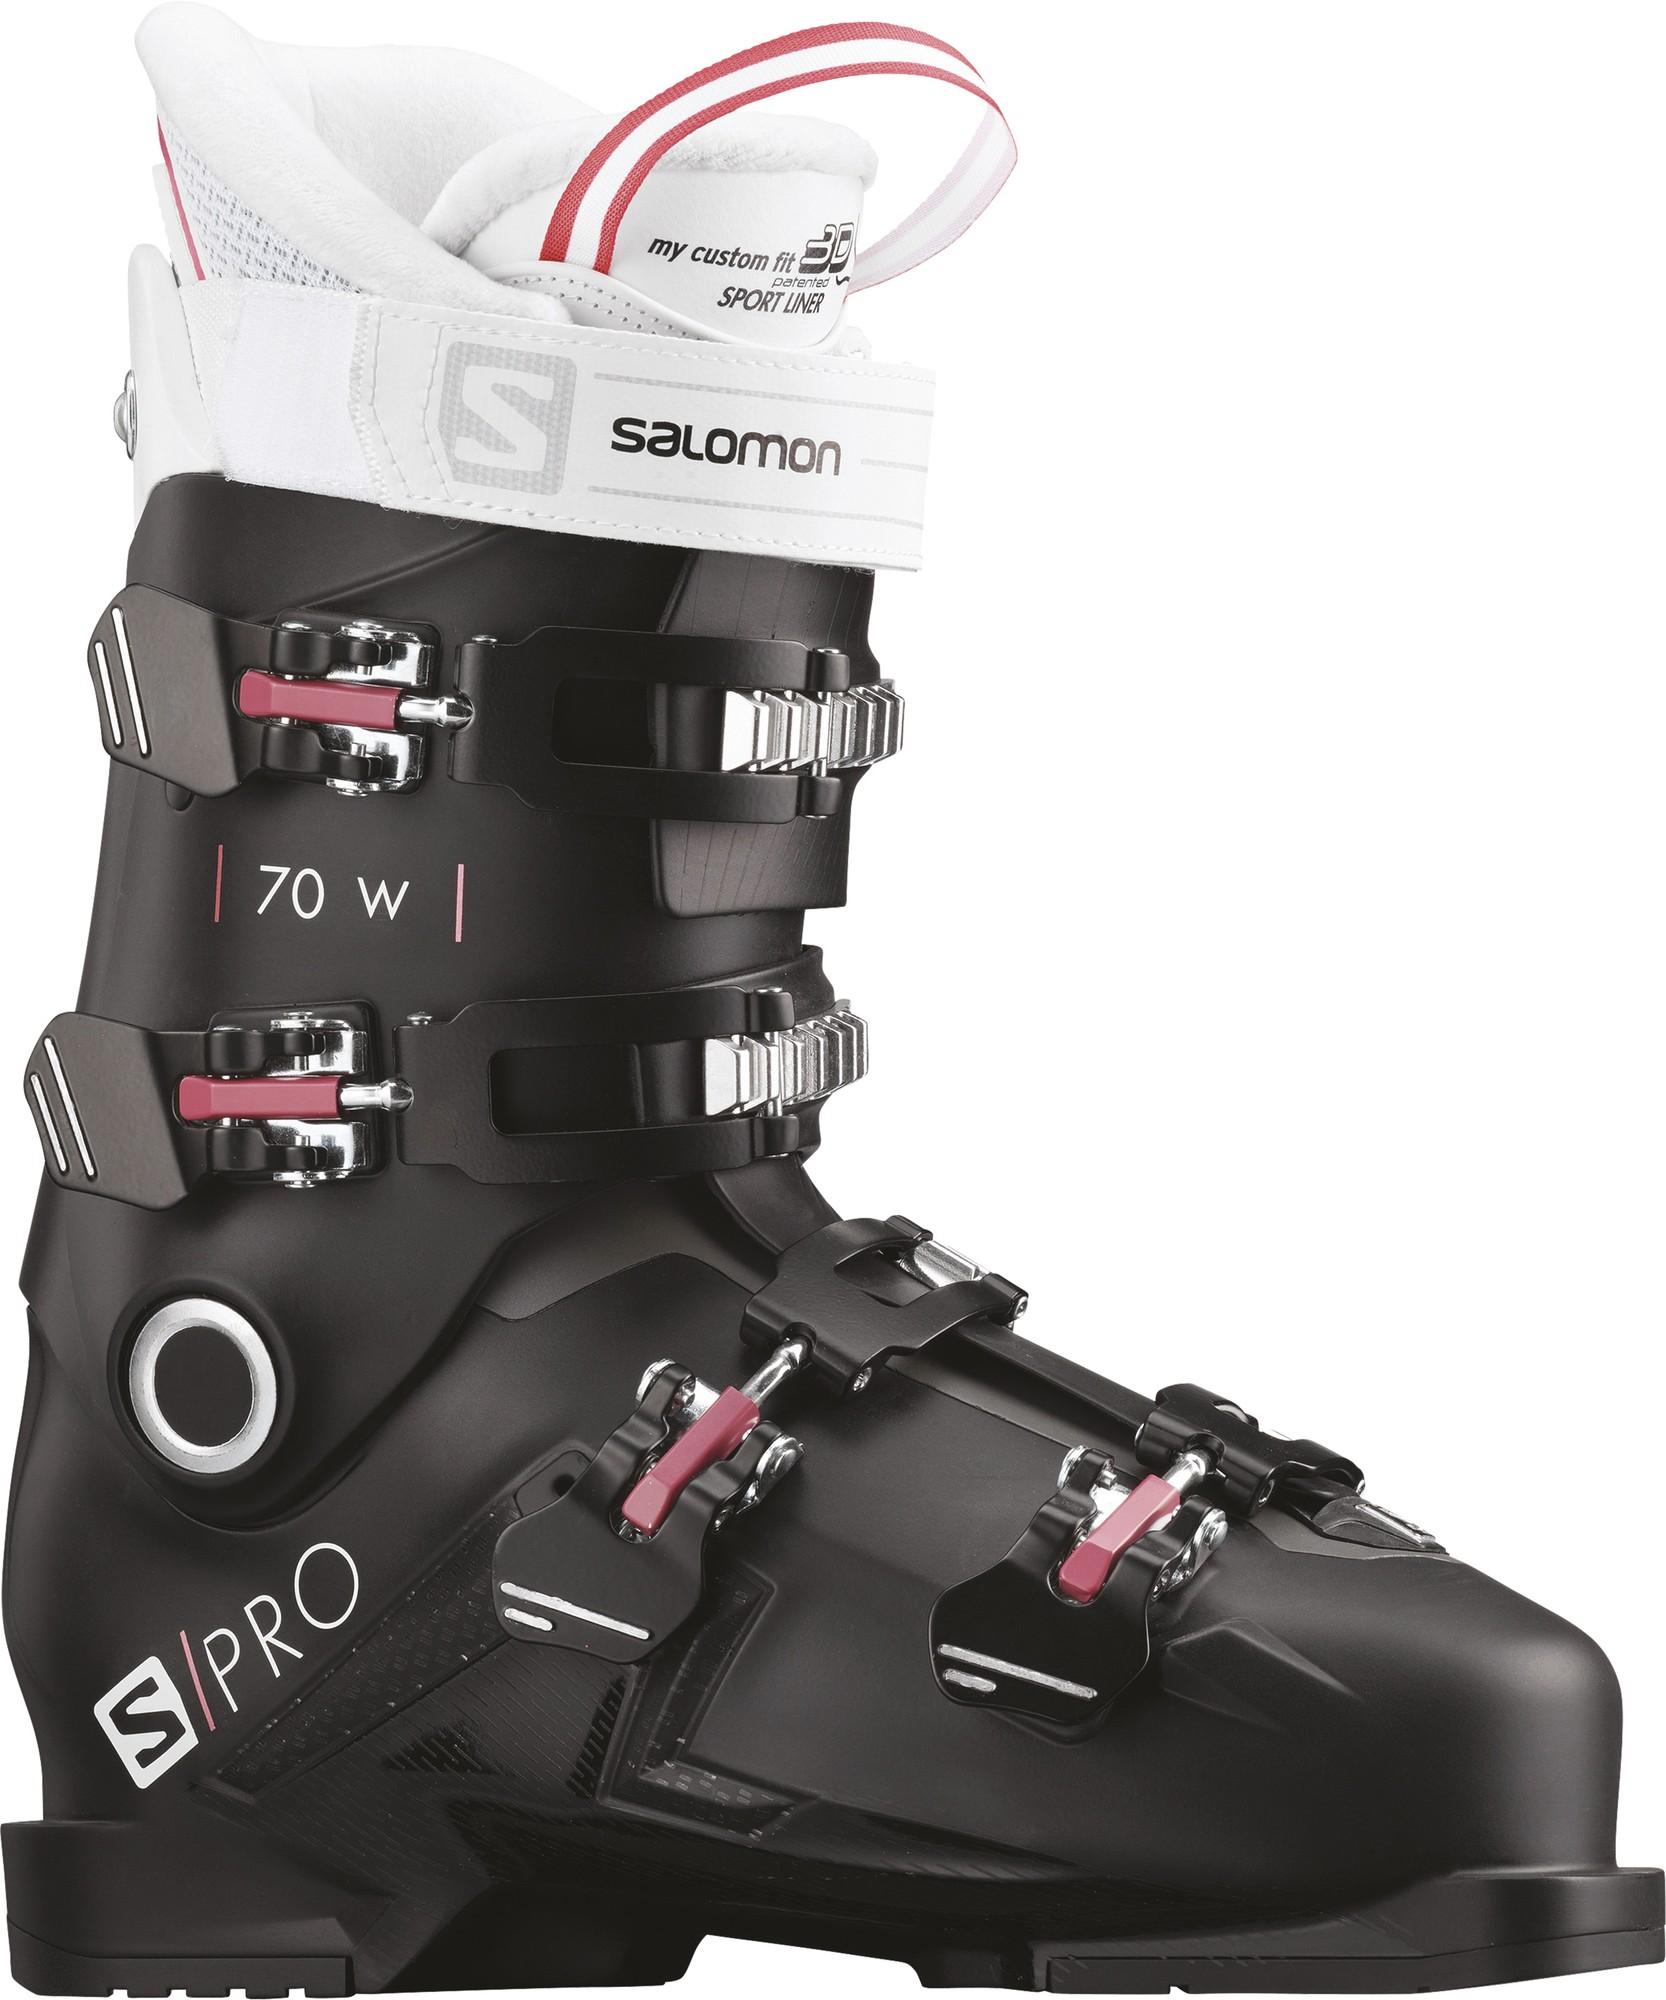 Salomon Ботинки горнолыжные женские Salomon S/PRO 70, размер 26 см цена